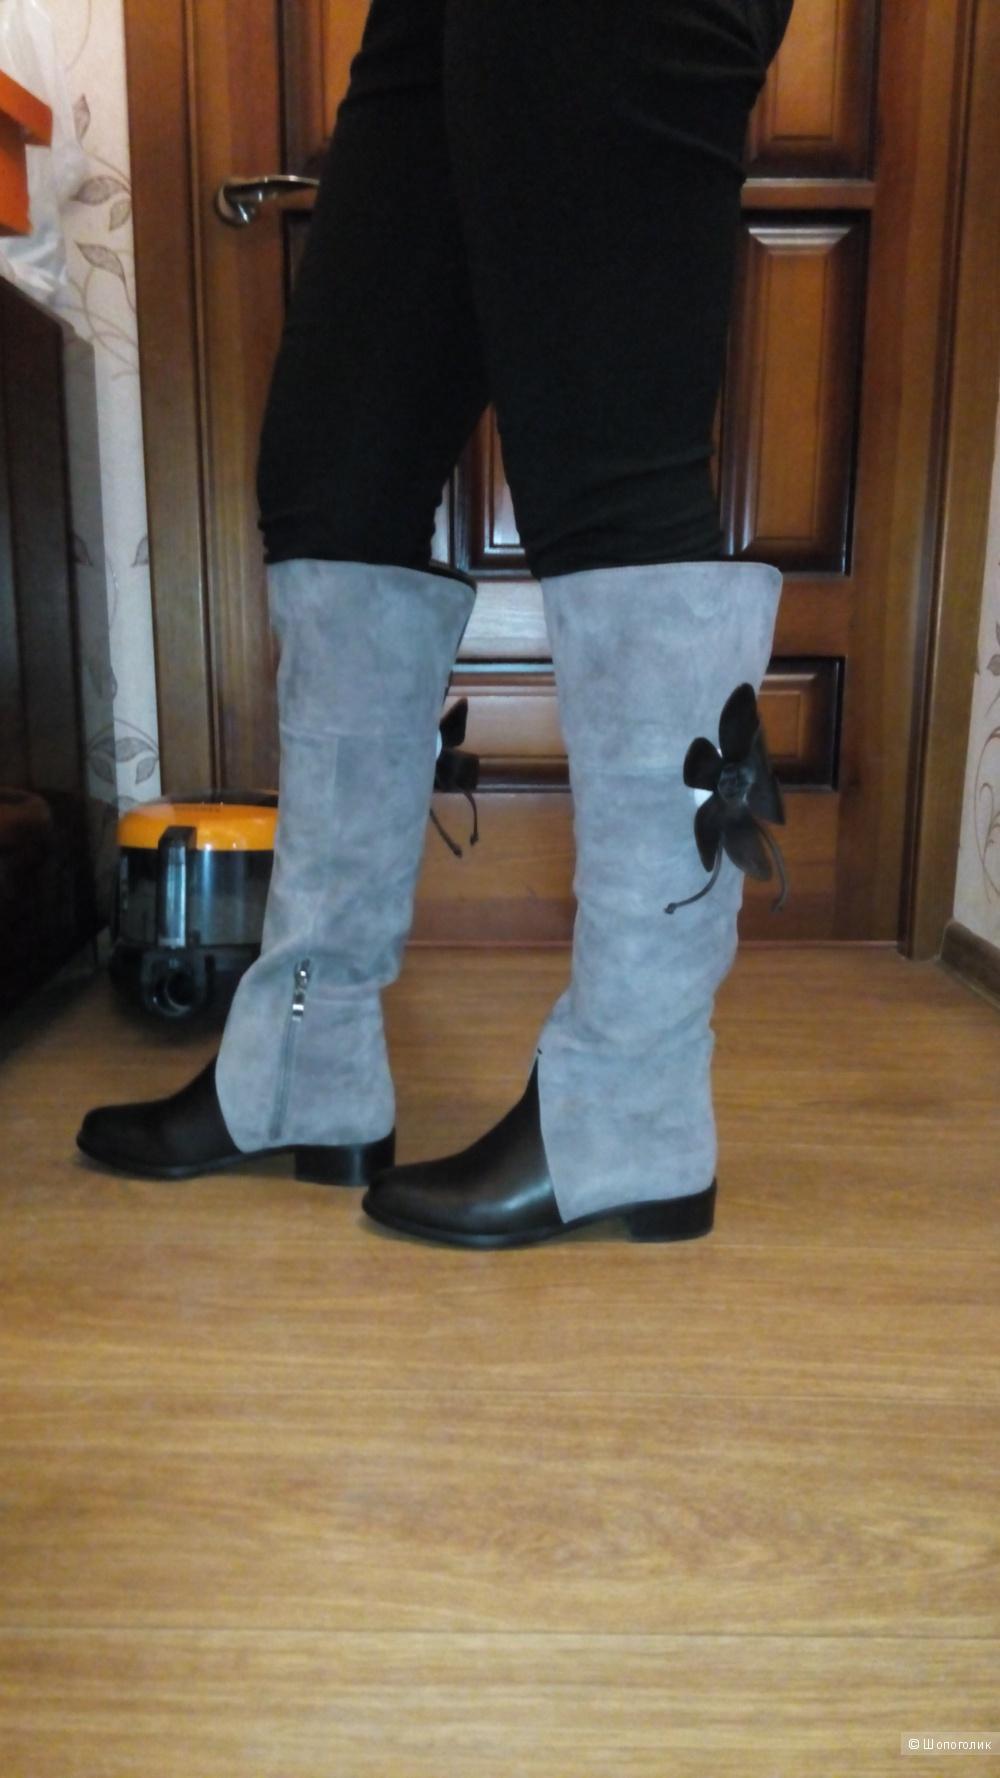 Сапоги - ботфорты, 38 размер,еврозима, натуральная замша и кожа, новые, цвет капучино